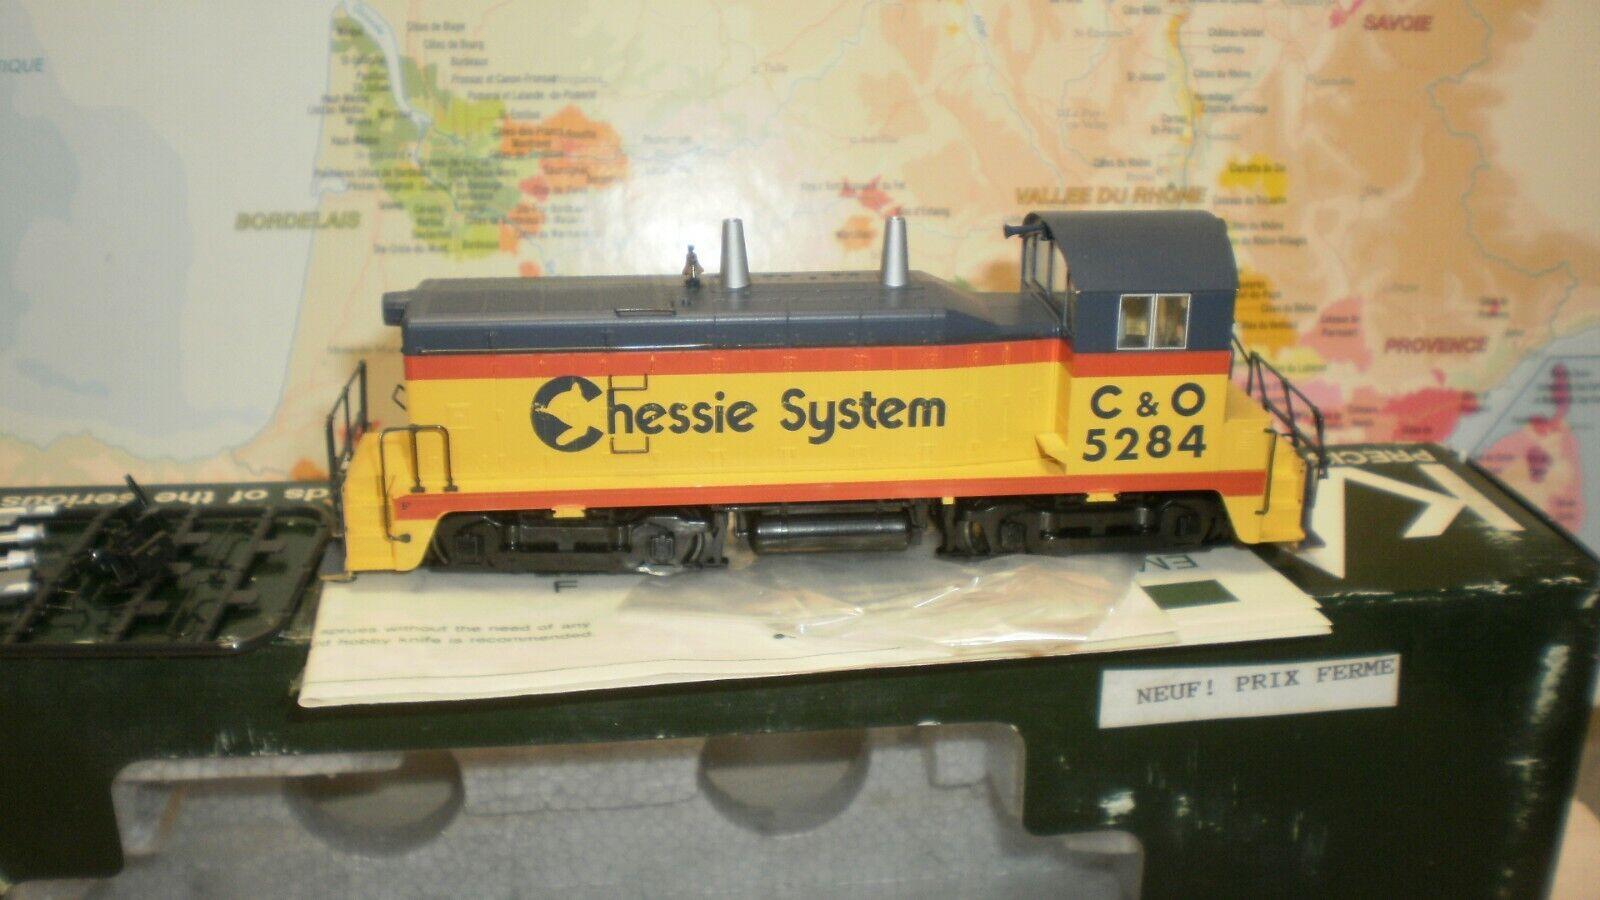 consegna rapida Loco diesel NW2 NW2 NW2 Chessie System USA Kato HO  merce di alta qualità e servizio conveniente e onesto